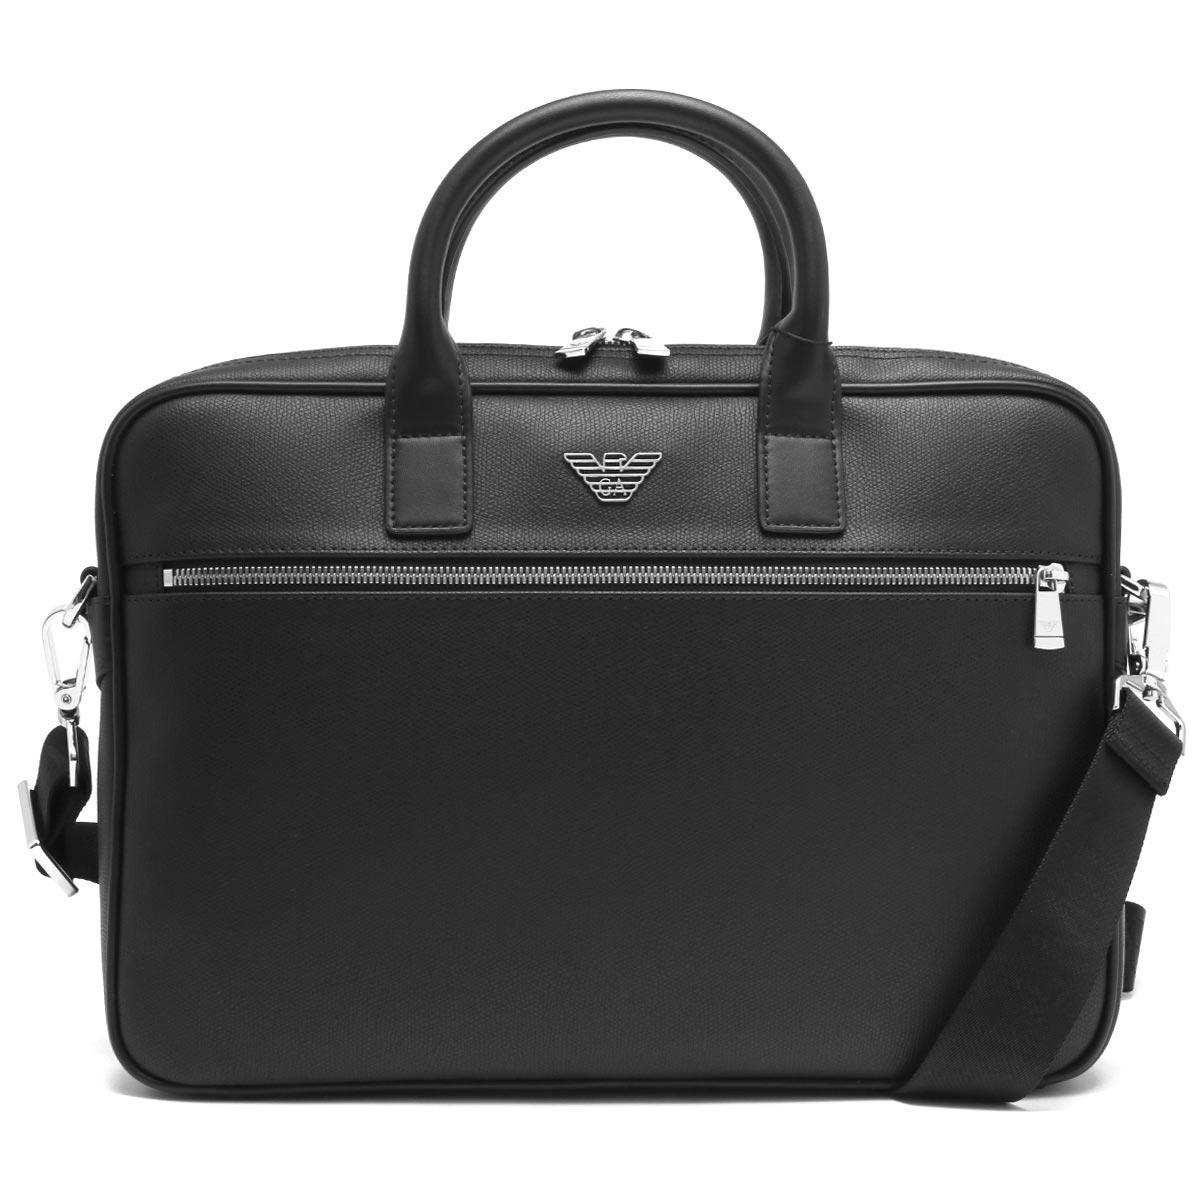 エンポリオアルマーニ ビジネスバッグ/ショルダーバッグ バッグ メンズ イーグルマーク ブラック Y4P119 YLA0E 81072 EMPORIO ARMANI